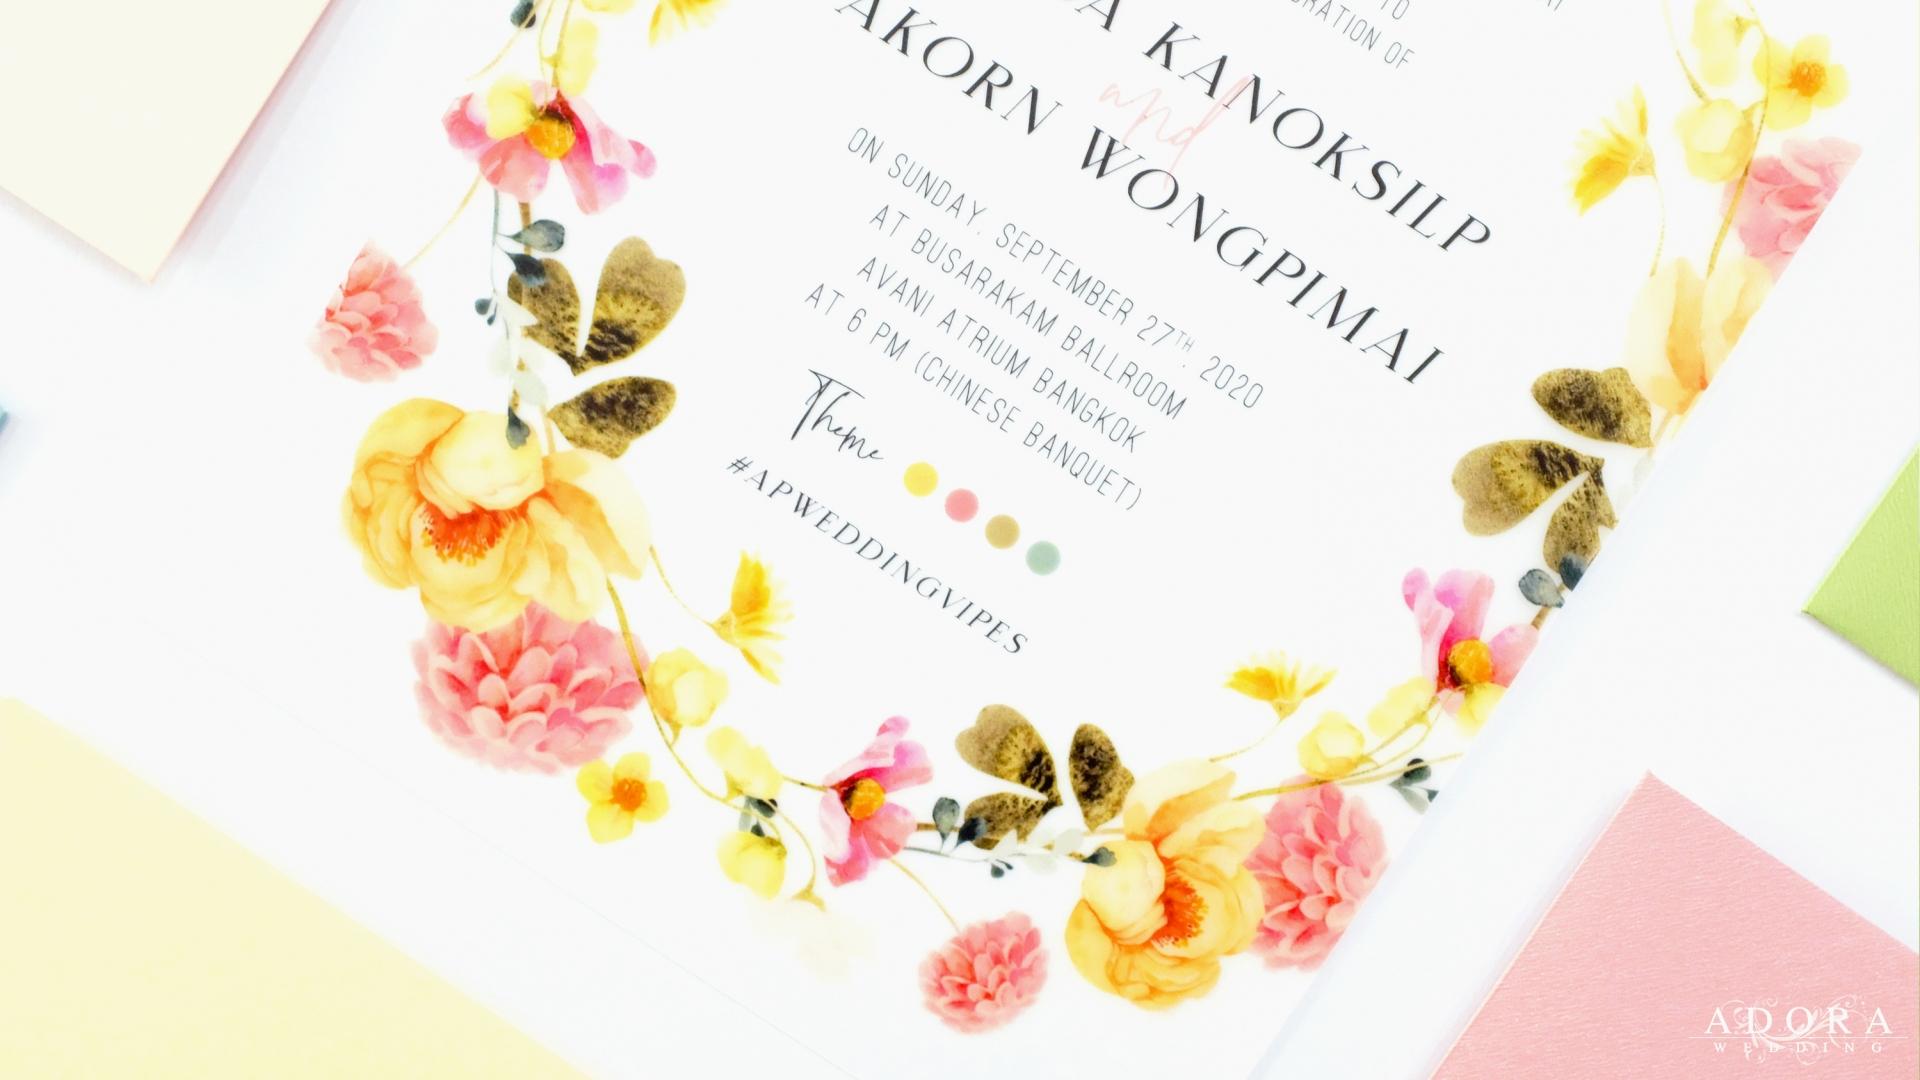 B224LM-wedding-card-4